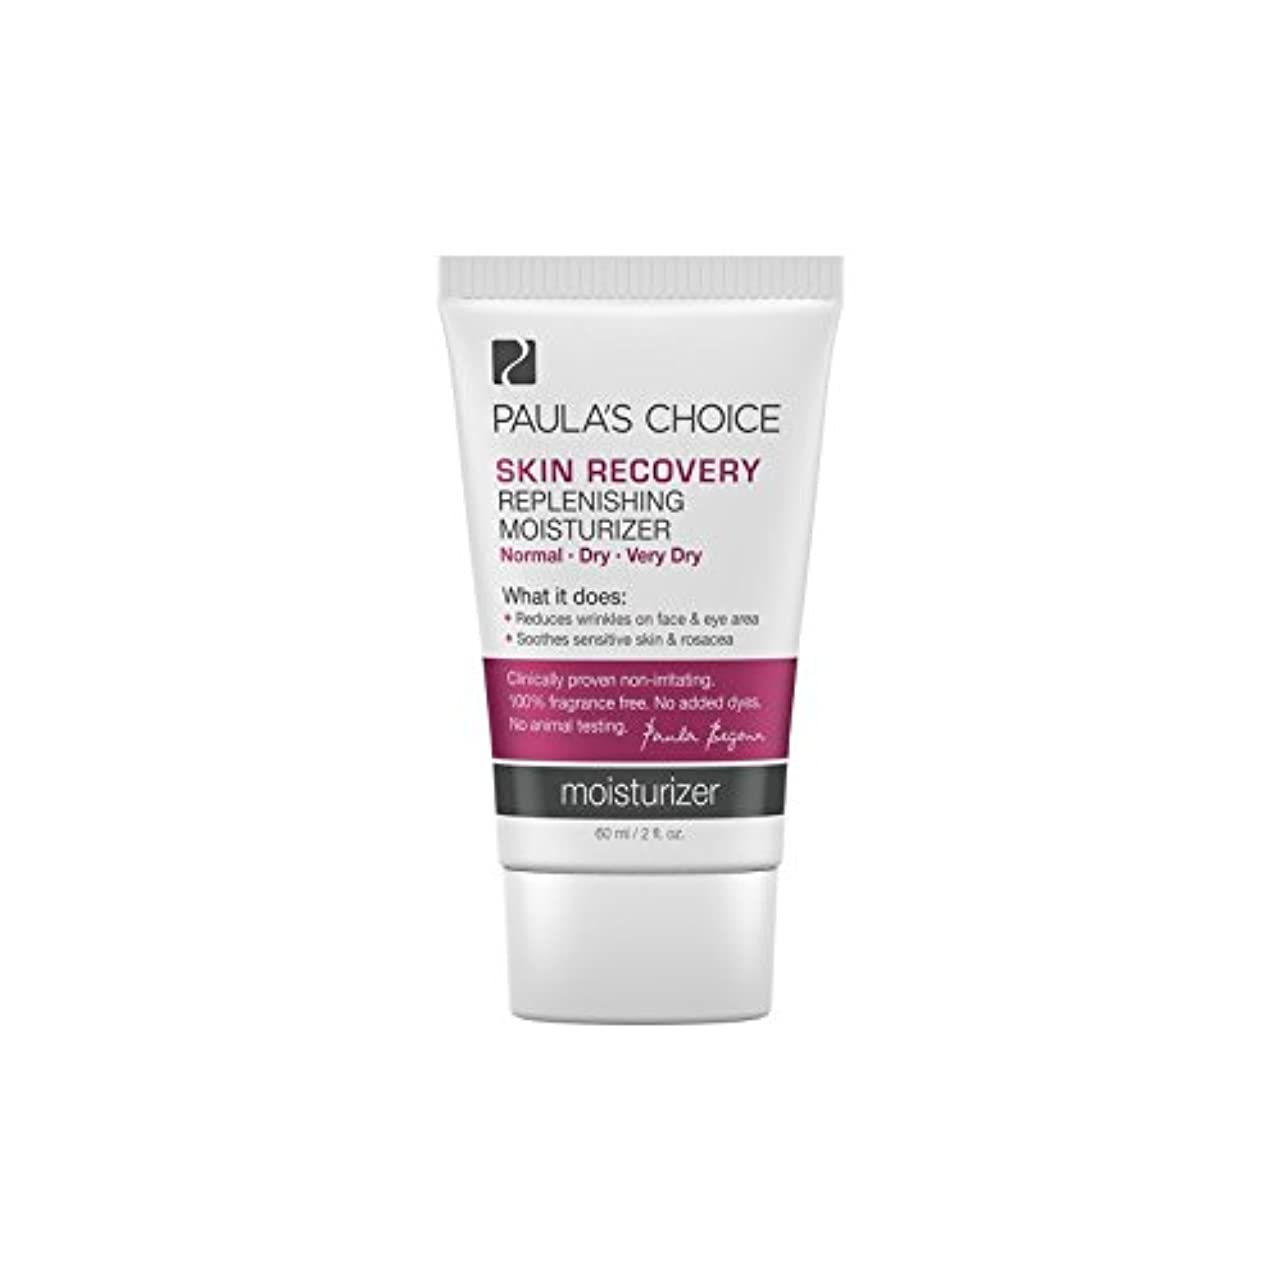 花火リレー喉が渇いたPaula's Choice Skin Recovery Replenishing Moisturizer (60ml) - ポーラチョイスの肌の回復補充保湿(60ミリリットル) [並行輸入品]